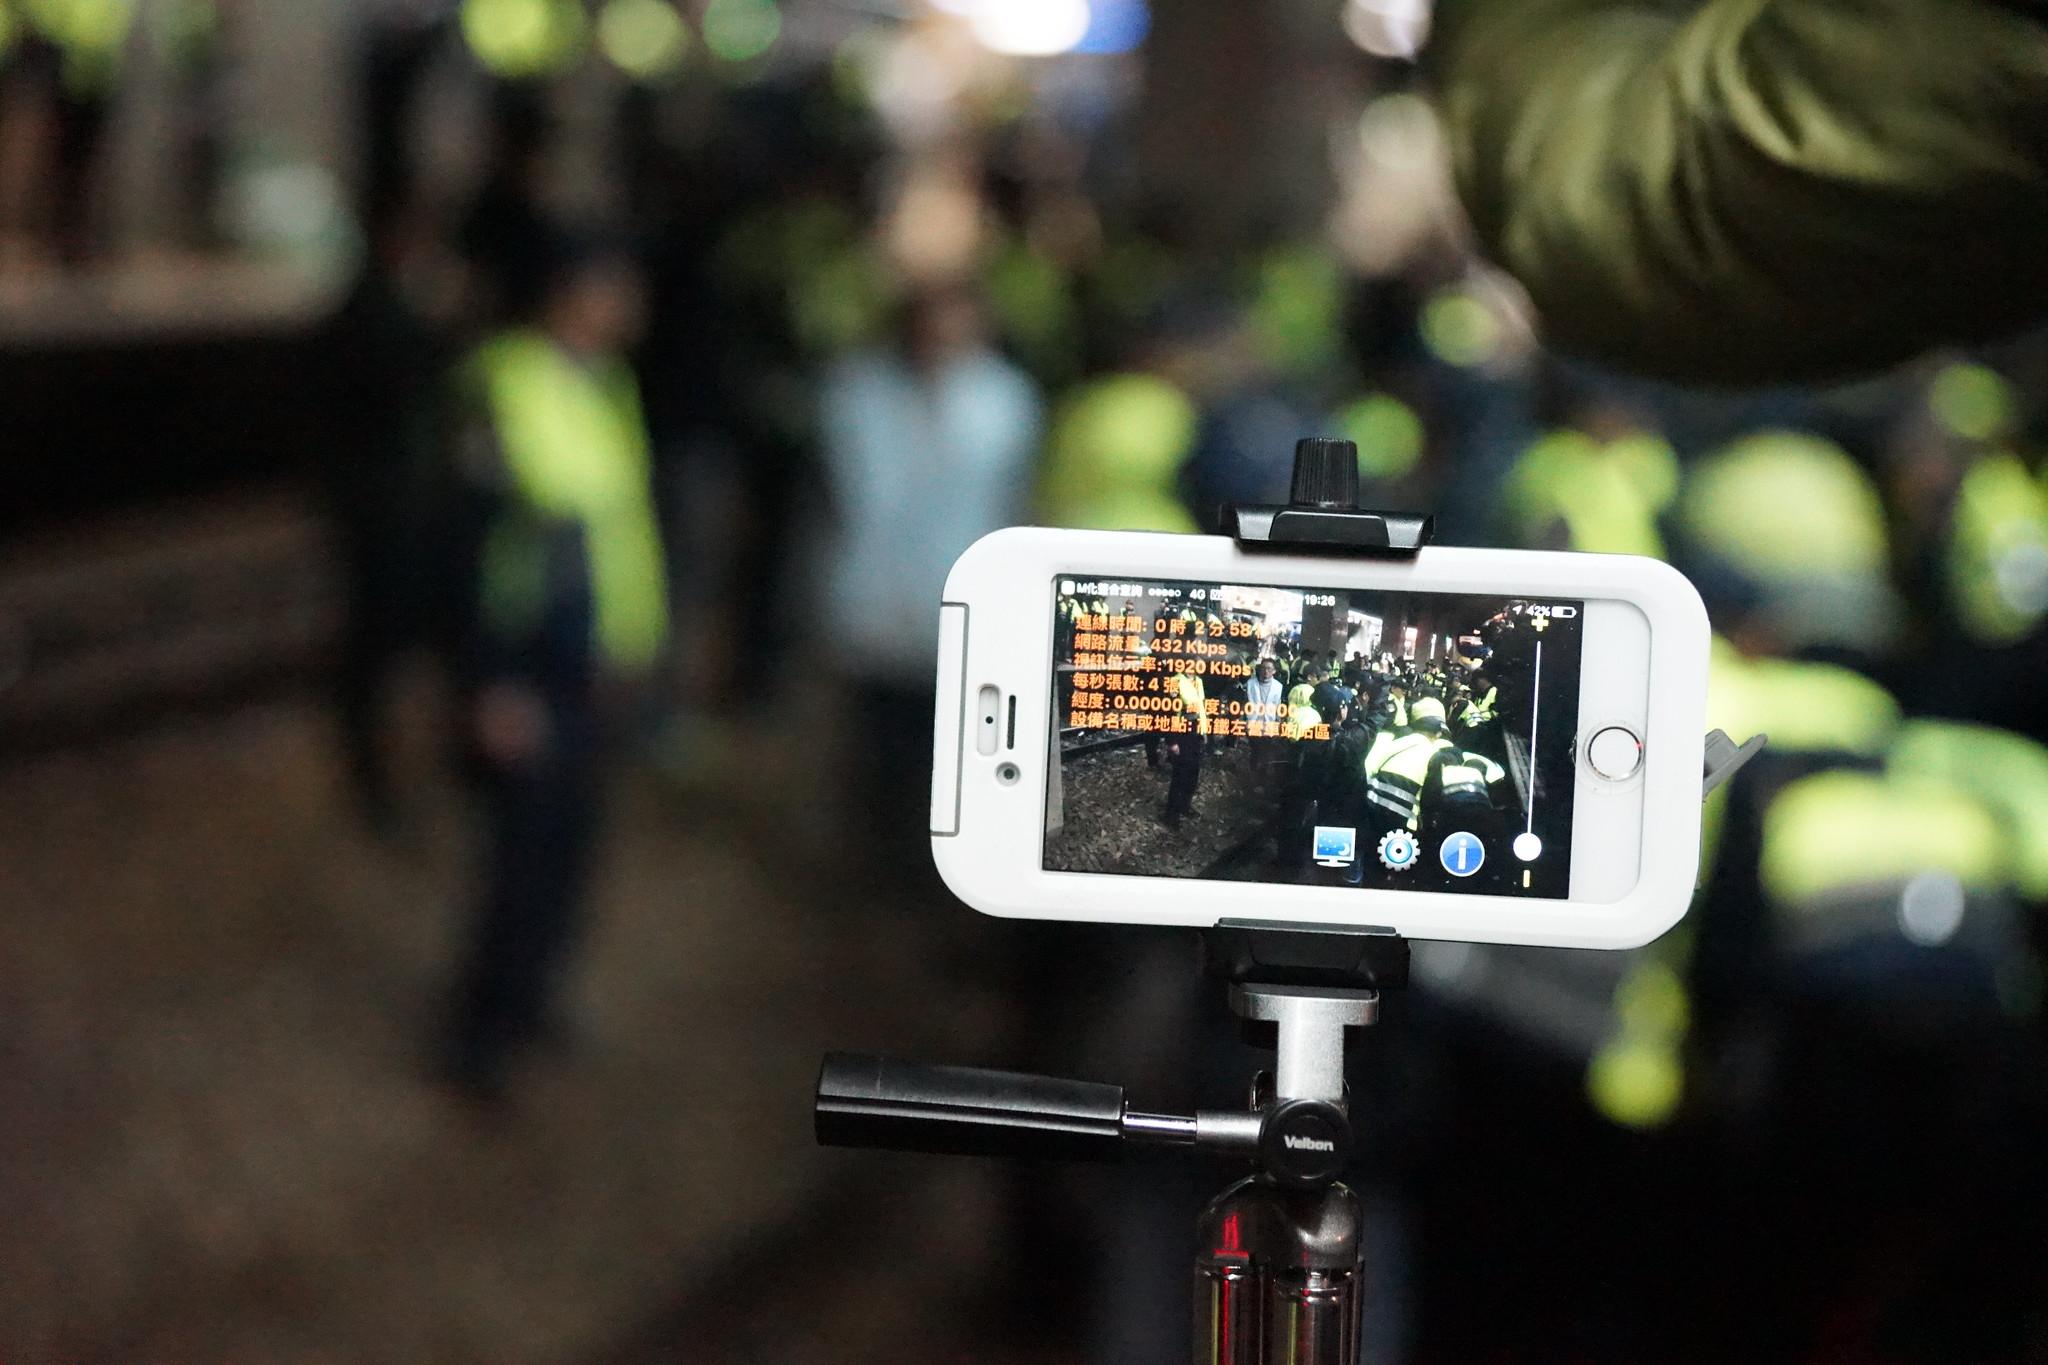 工會現場不斷呼召民眾開啟手機直播,請更多人來聲援。(攝影:王顥中)